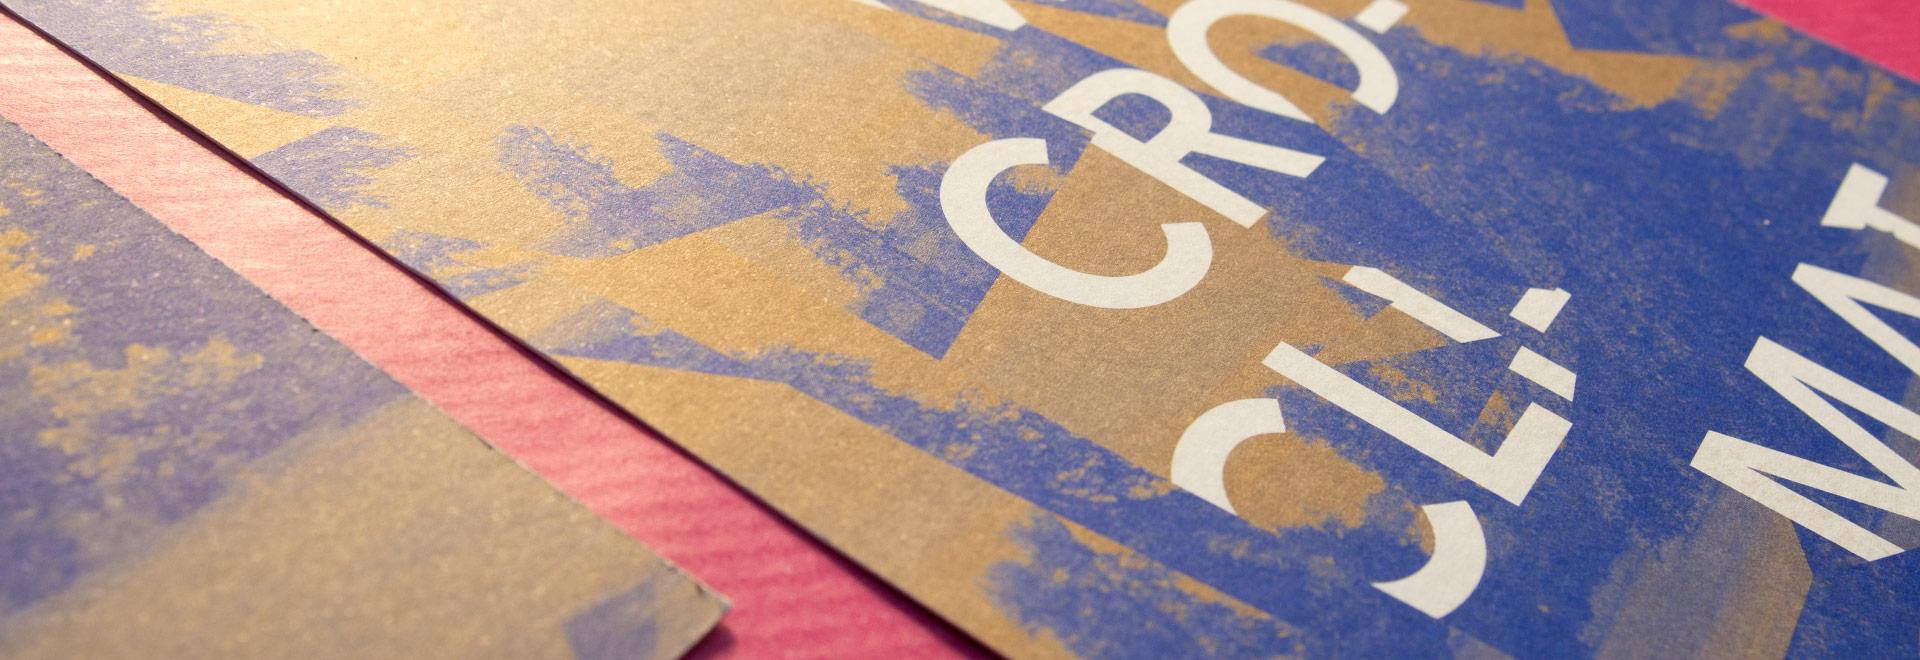 Micro-climat-2013-Parc-Culturel-Rentilly-Carton-graphique-4